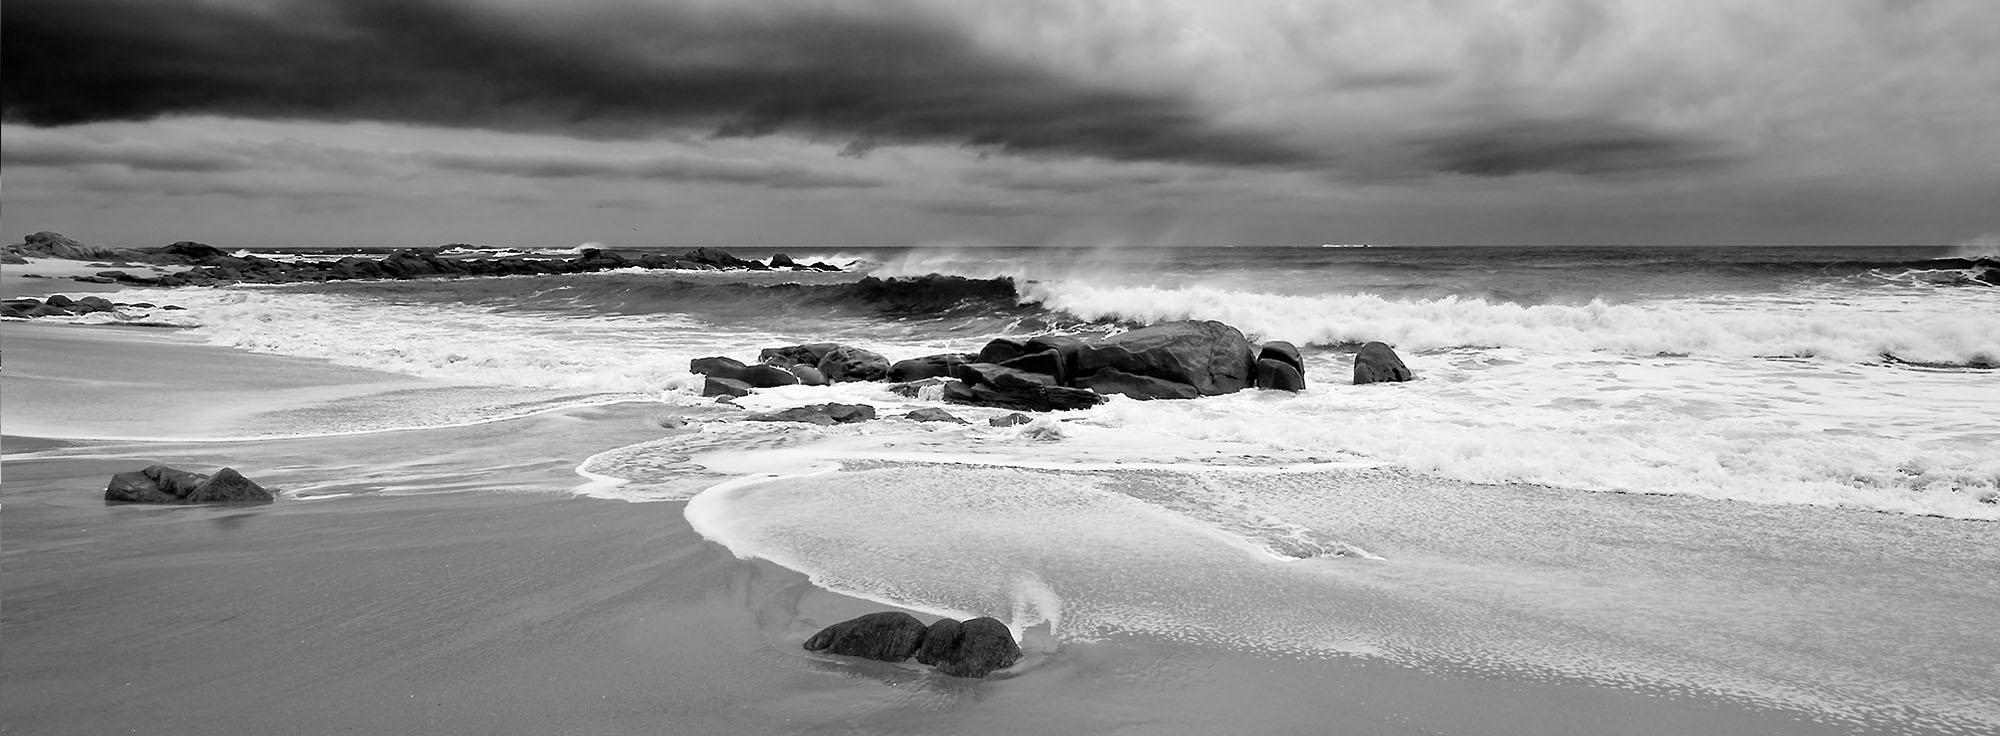 Playa Costa da Morte, Galicia, por Adolfo Gosálvez. Venta de Fotografía de autor en edición limitada. AG Shop